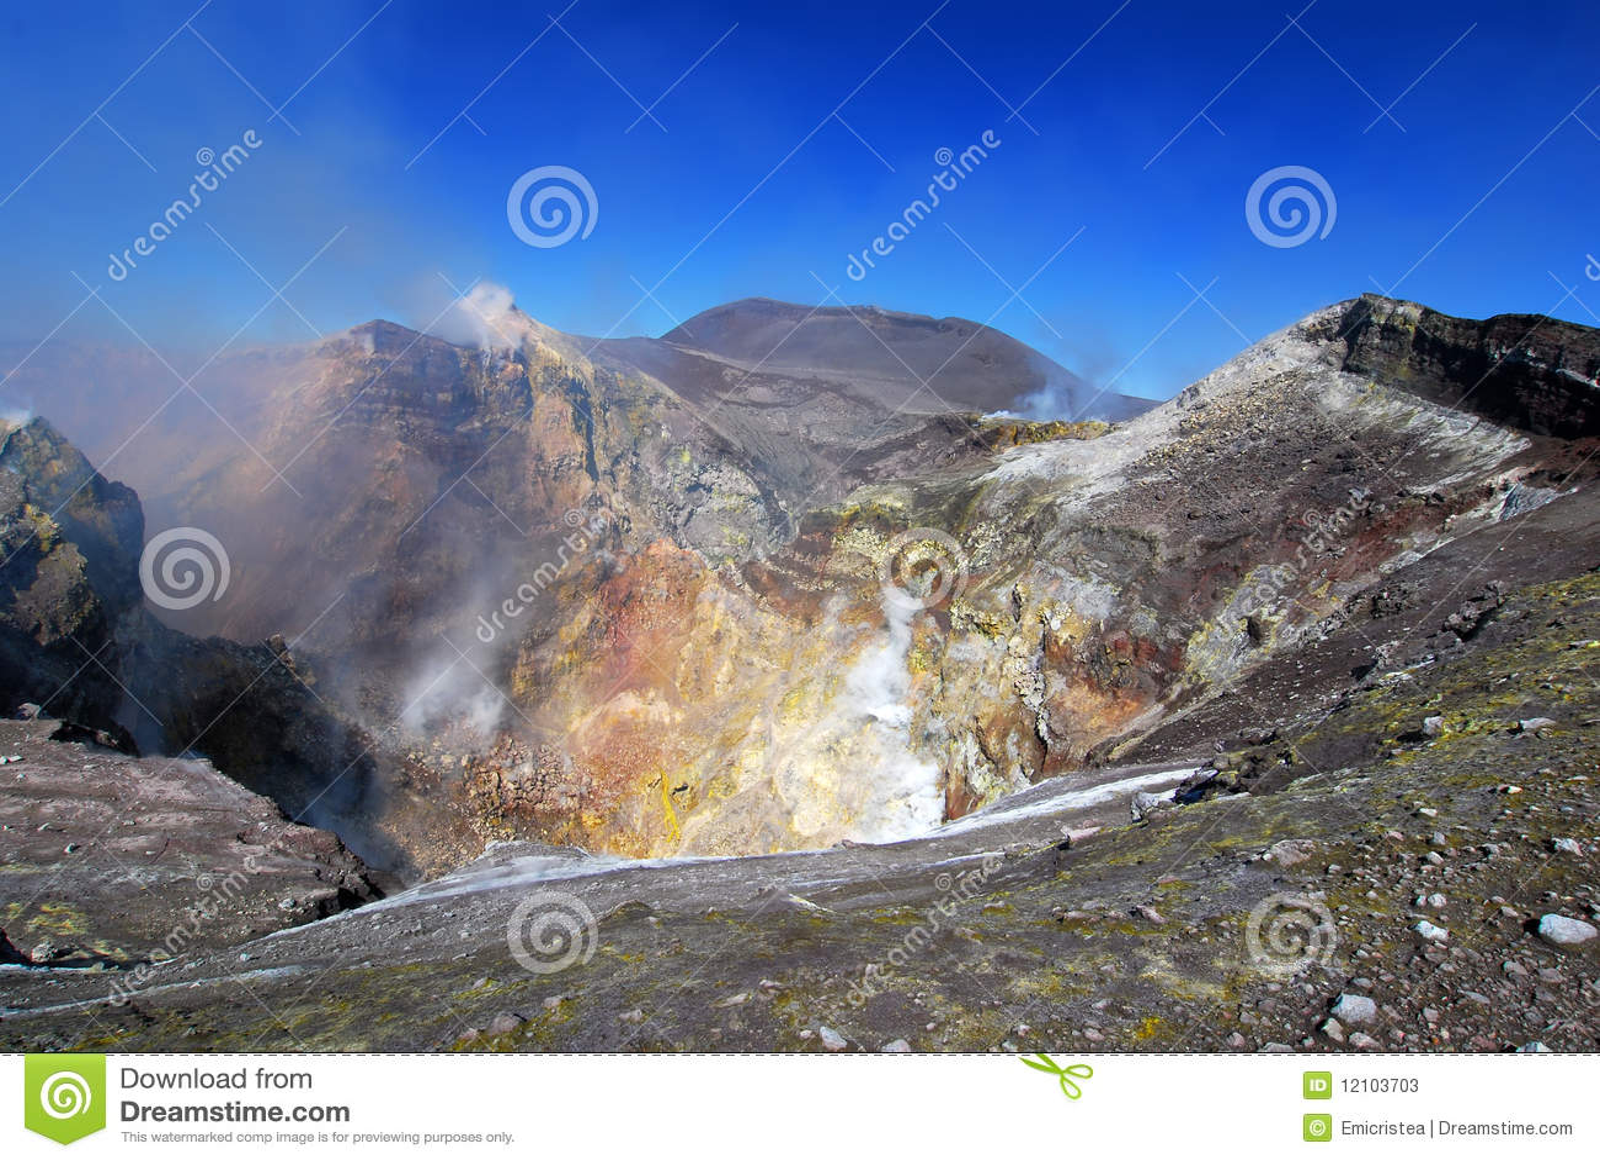 Ätna-Krater in Sizilien